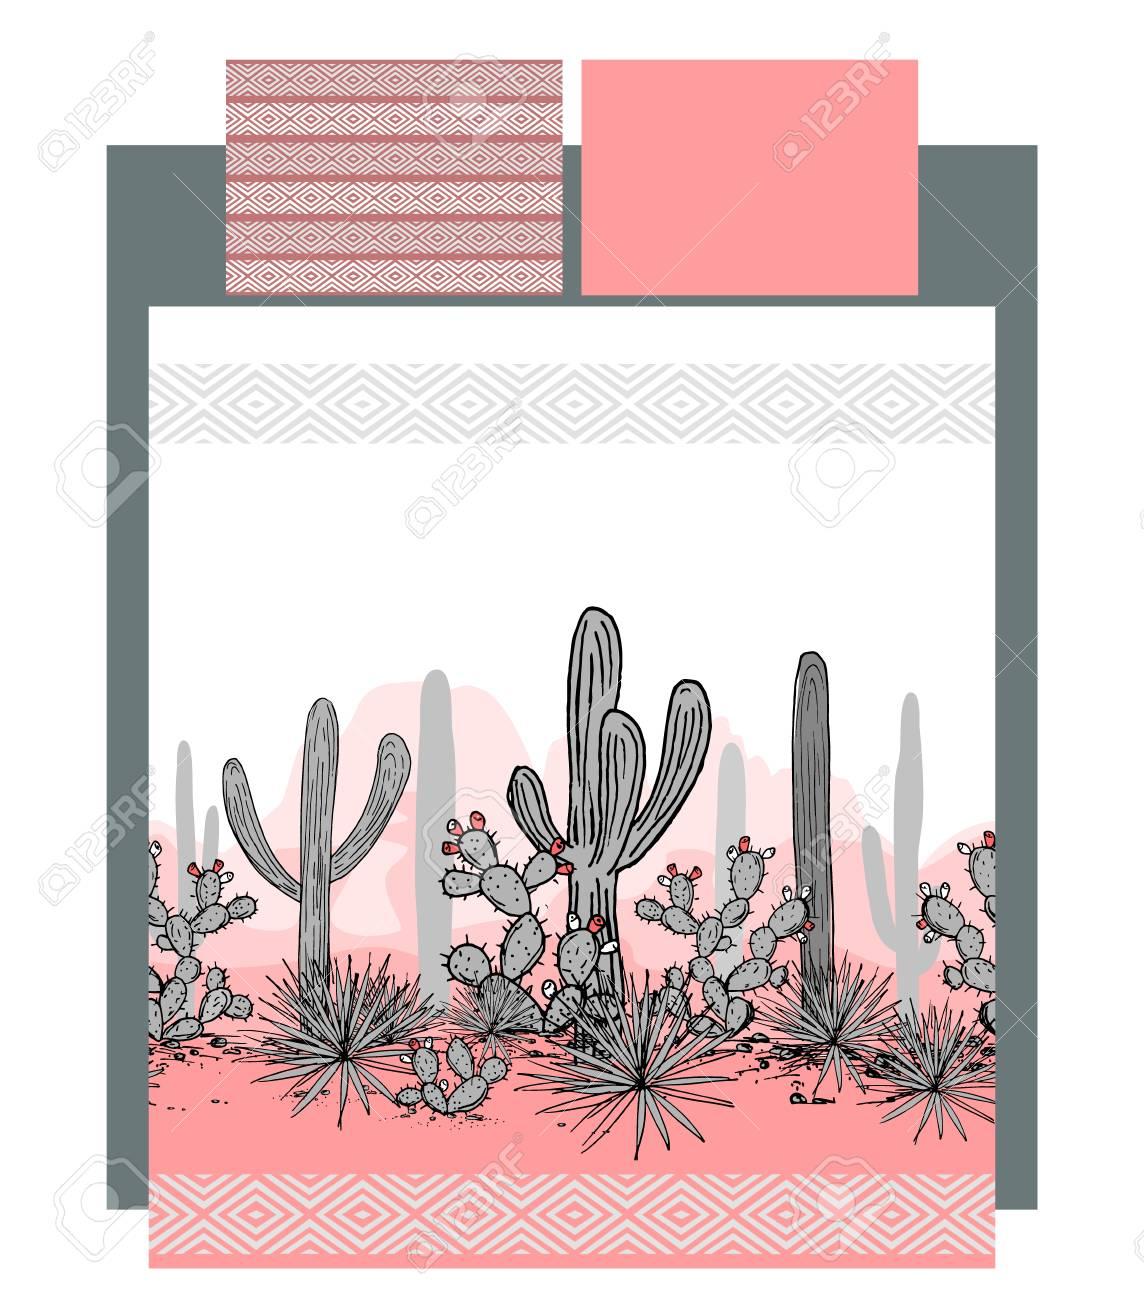 Bettwäsche Vektor Mit Mexikanischen Kakteen Und Berge Landschaft